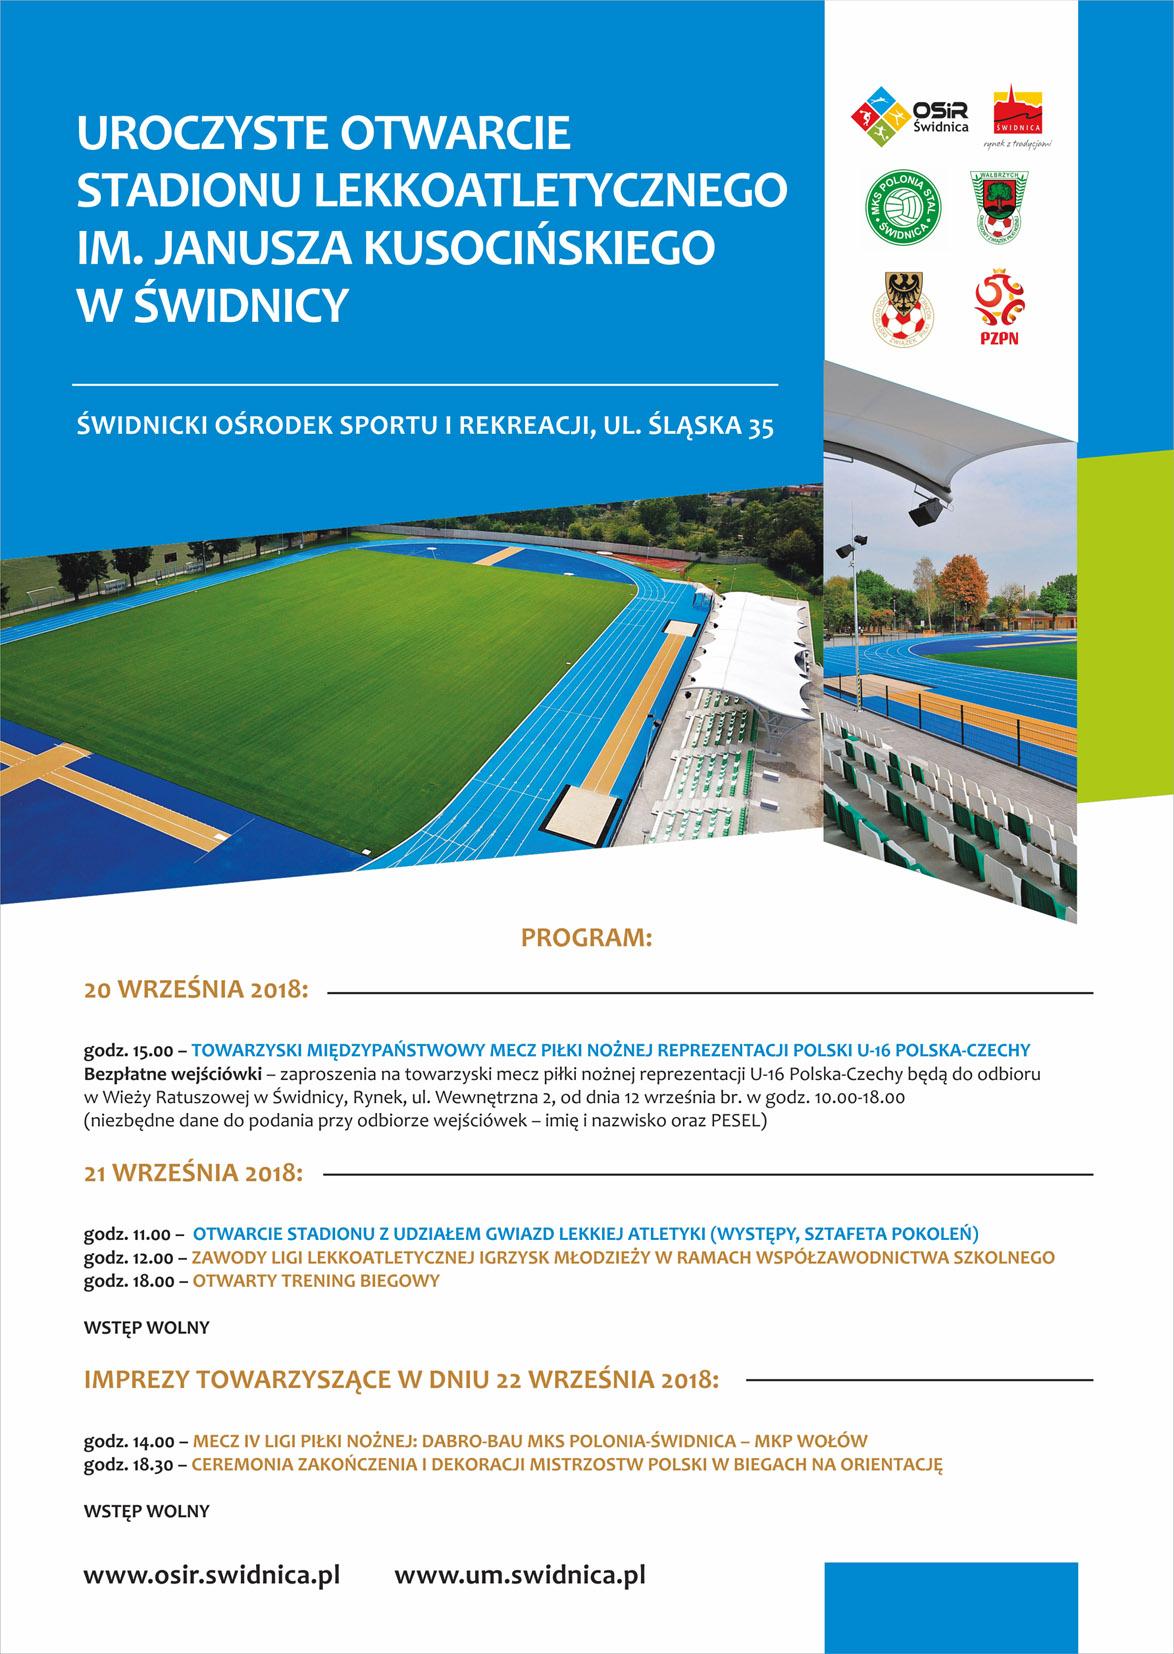 Otwarcie stadionu (INFORMACJE)